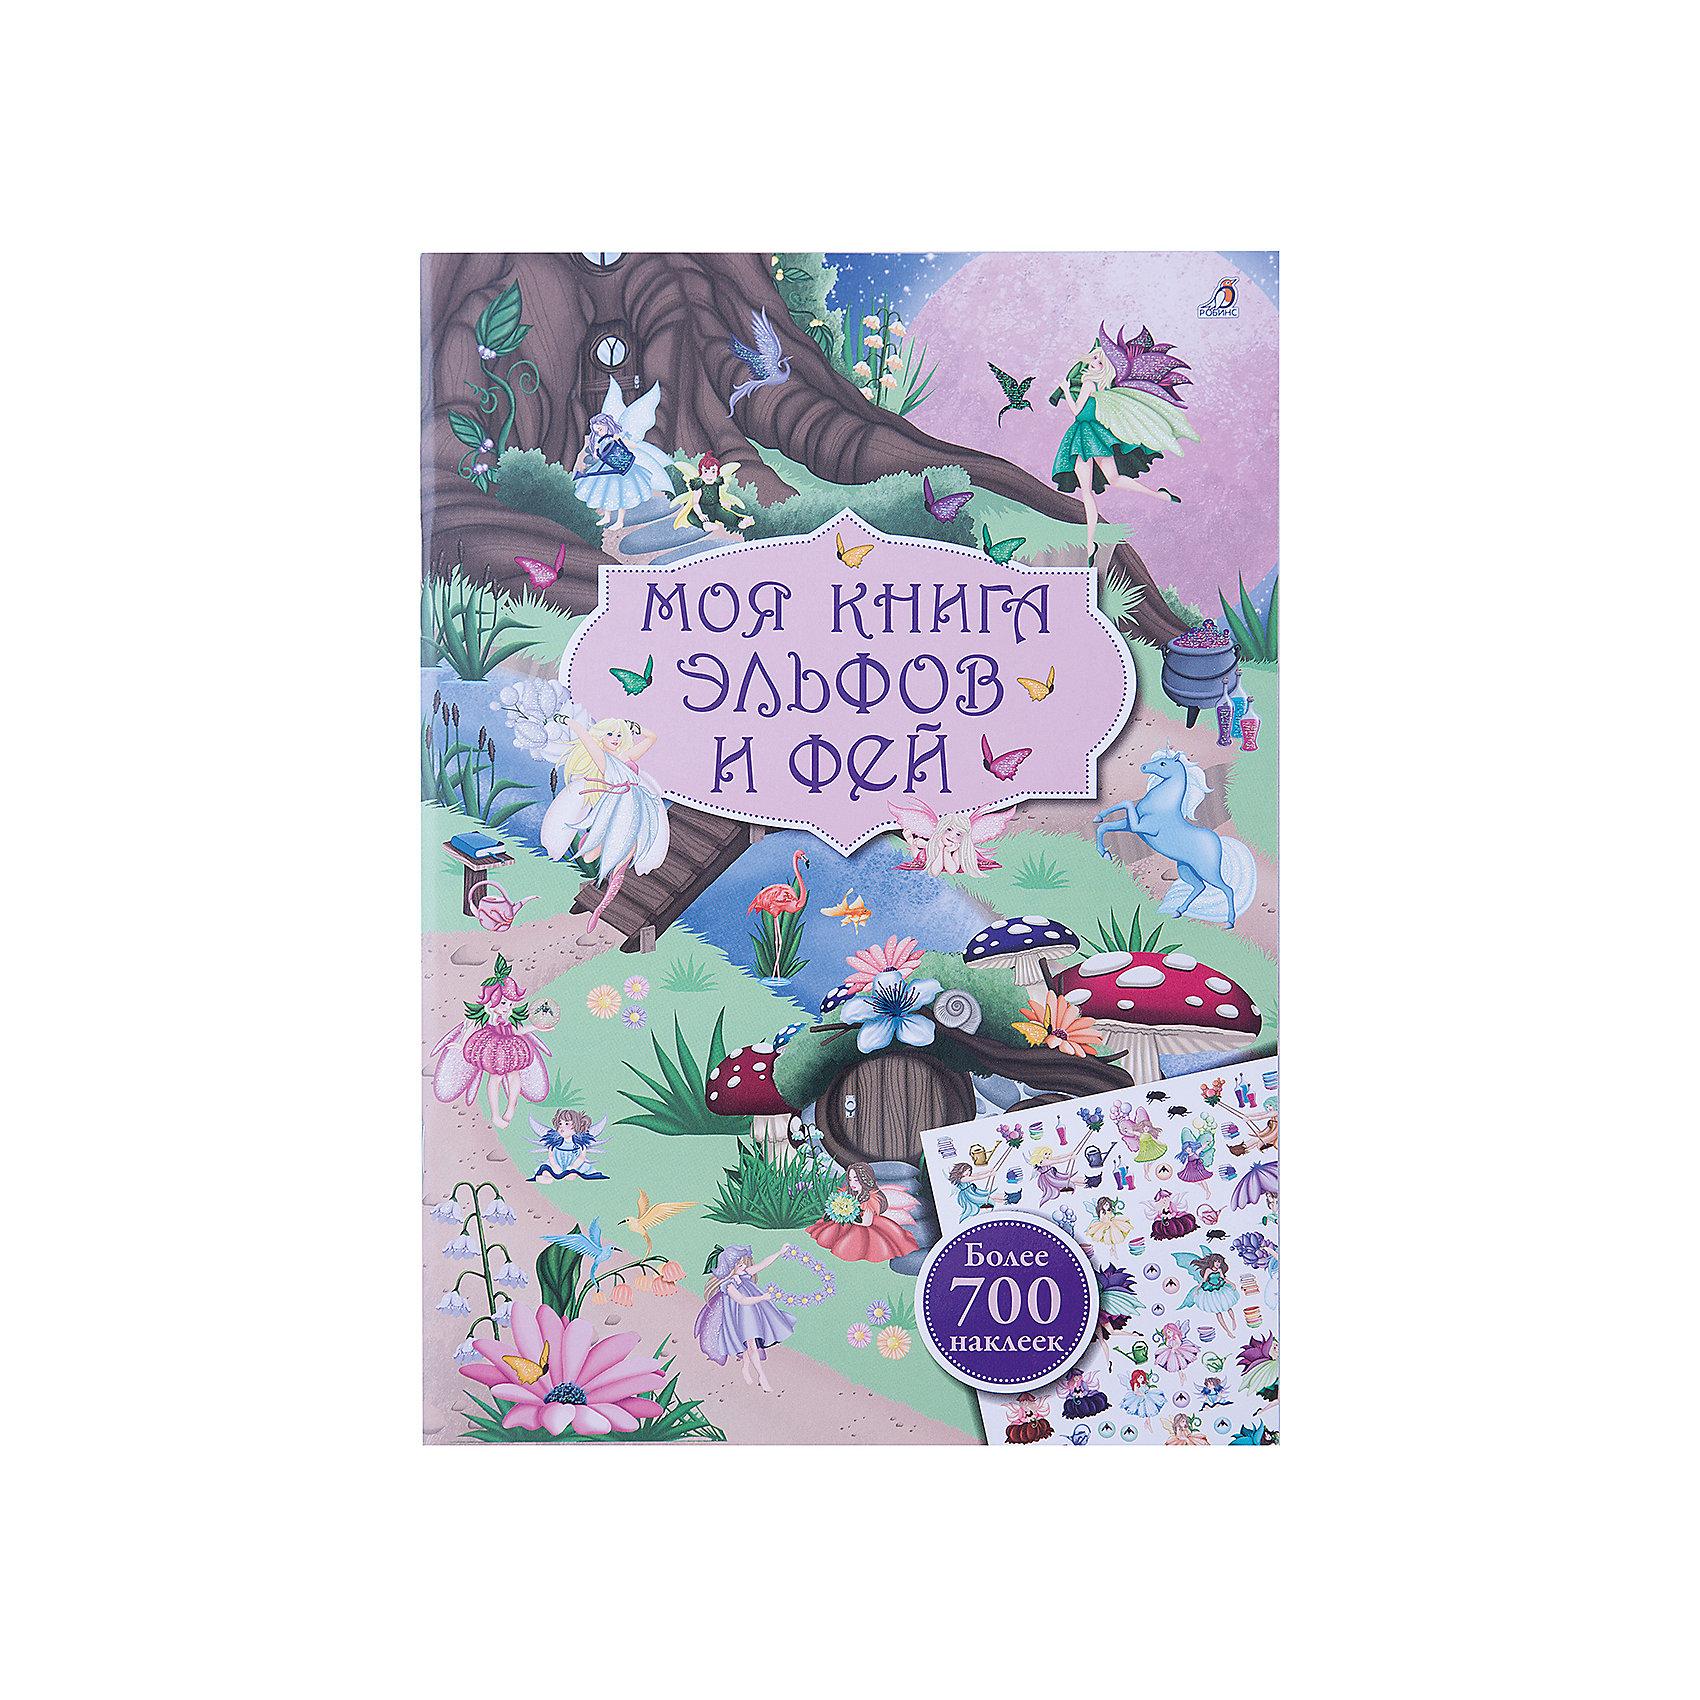 Книга с наклейками Моя книга эльфов и фейКнига с наклейками Моя книга эльфов и фей – эта книга поможет оживить сказочную страну.<br>Каждая девочка мечтает стать принцессой или феей. С этой книгой ты попадешь в волшебную страну, где можно своими руками создать настоящий сказочный мир! Используй более 700 ярких наклеек, расположенных на специальной вкладке в середине издания, и создай 14 красивых декораций. В книге нет ограничений для фантазии, тебя ждут разные сказочные персонажи - эльфы, феи, их волшебные питомцы и птицы! А также наклейки с изображением деревянной мебели, разноцветных уличных фонариков, колб с волшебными зельями, метлами, книгами, горшочками, зеркалами, птичьими клетками, мягкими диванами, колодцами, сундуками с сокровищами, каминами! Ищи, приклеивай и фантазируй! Книга способствует развитию воображения, мелкой моторики, координации движений, развивает эстетический вкус и творческие способности.<br><br>Дополнительная информация:<br><br>- Издательство: Робинс<br>- Серия: Книги с наклейками<br>- Тип обложки: мягкая обложка<br>- Иллюстрации: цветные<br>- Количество страниц: 30 (мелованная)<br>- Размер: 297x210x40 мм.<br>- Вес: 208 гр.<br><br>Книгу с наклейками Моя книга эльфов и фей можно купить в нашем интернет-магазине.<br><br>Ширина мм: 297<br>Глубина мм: 210<br>Высота мм: 40<br>Вес г: 208<br>Возраст от месяцев: 60<br>Возраст до месяцев: 84<br>Пол: Унисекс<br>Возраст: Детский<br>SKU: 4341830